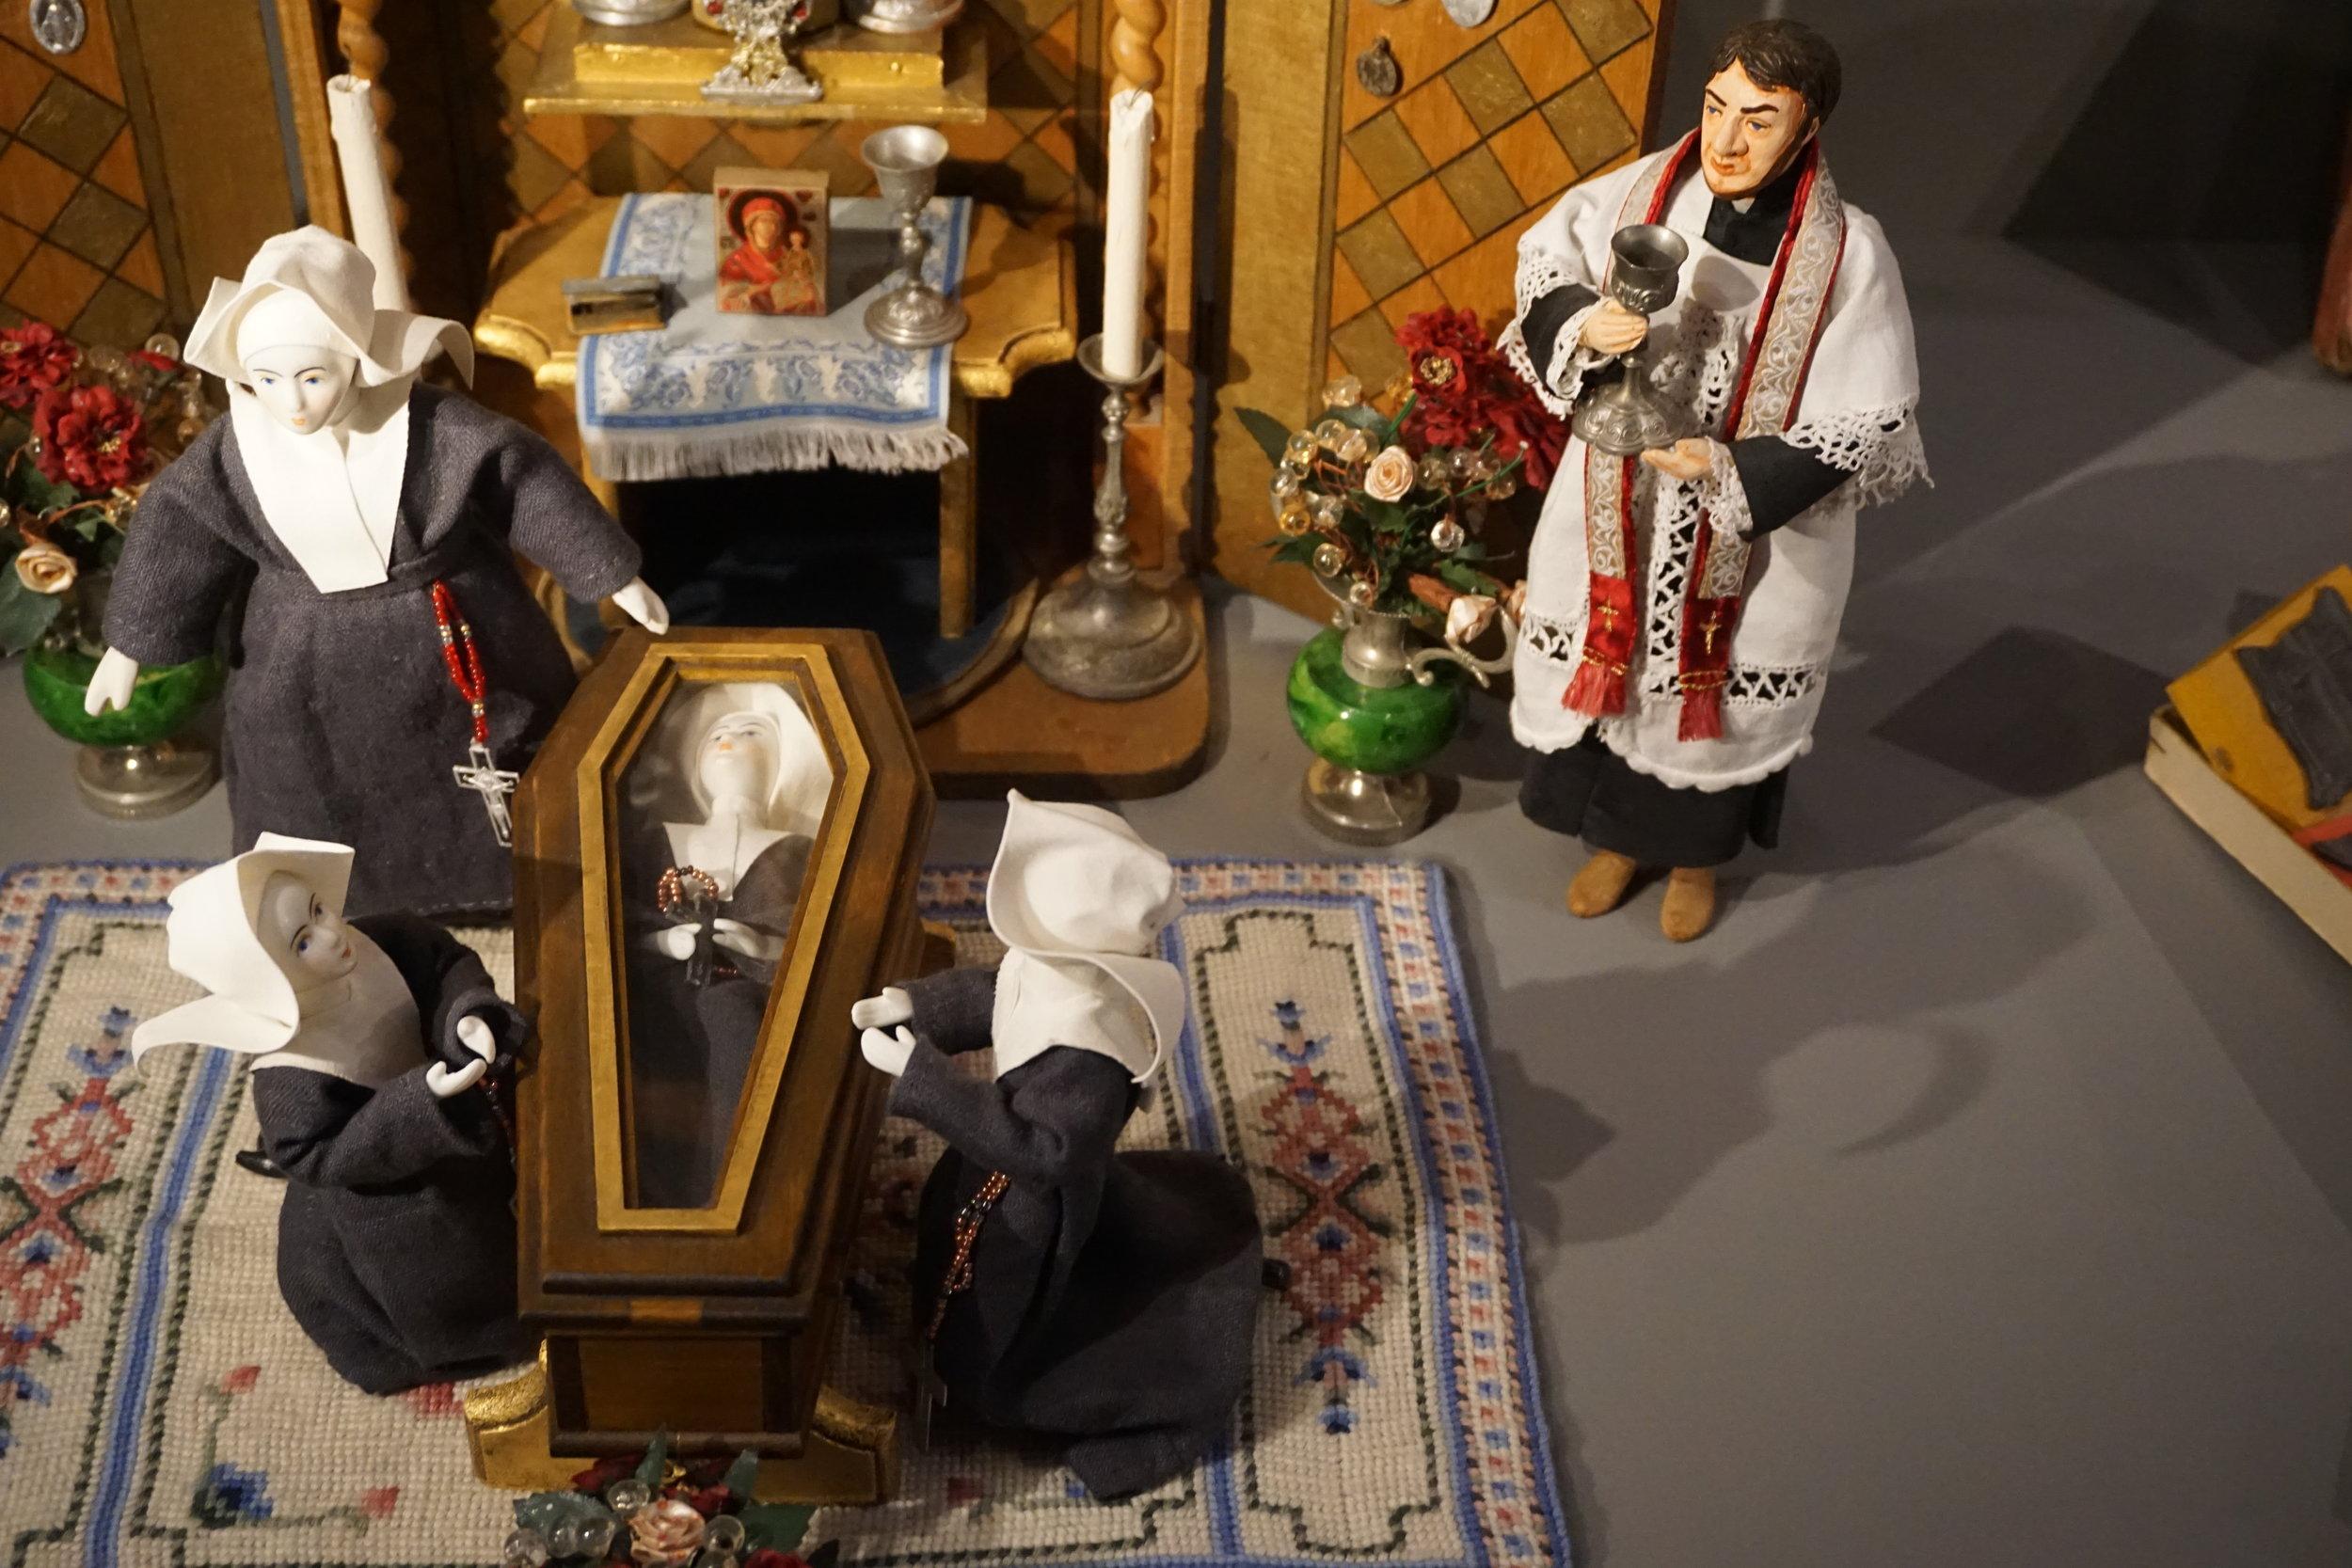 Saint Catherine of Alexandria, 1509